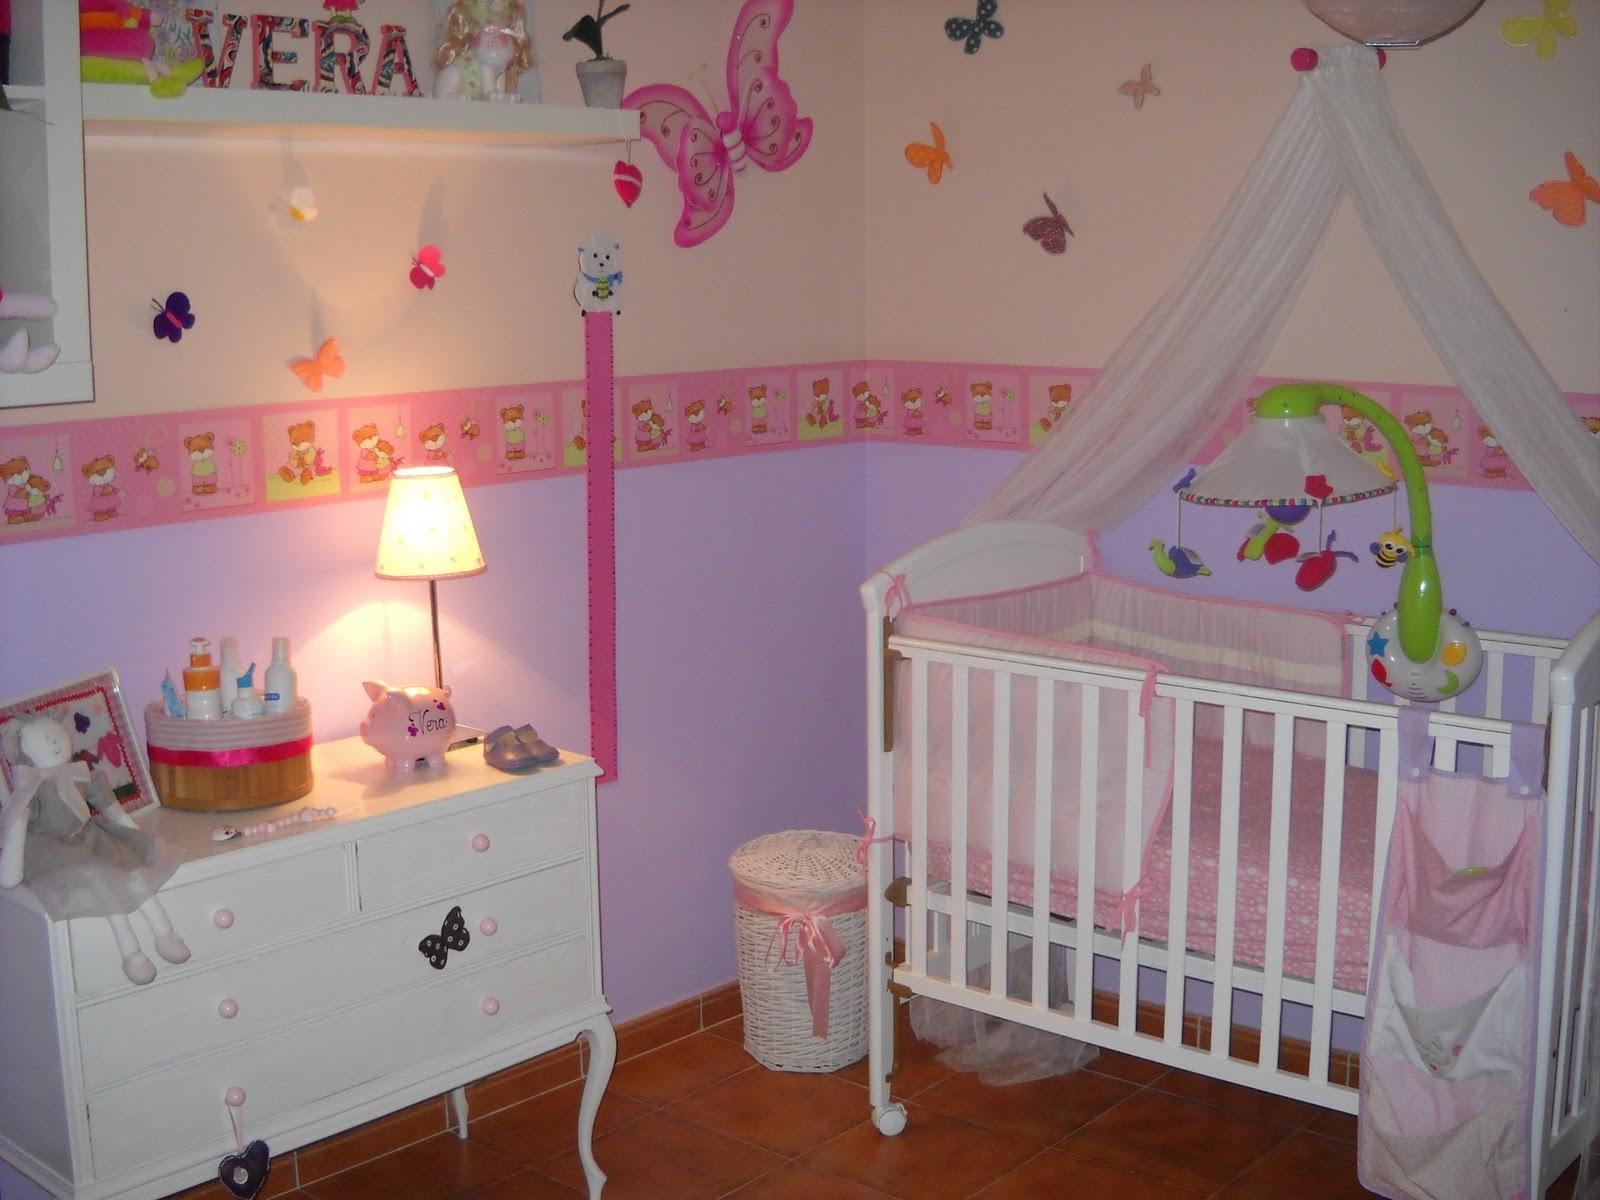 Vistoso Ideas Para Decorar Habitacin Bebe Nia Galera Ideas de